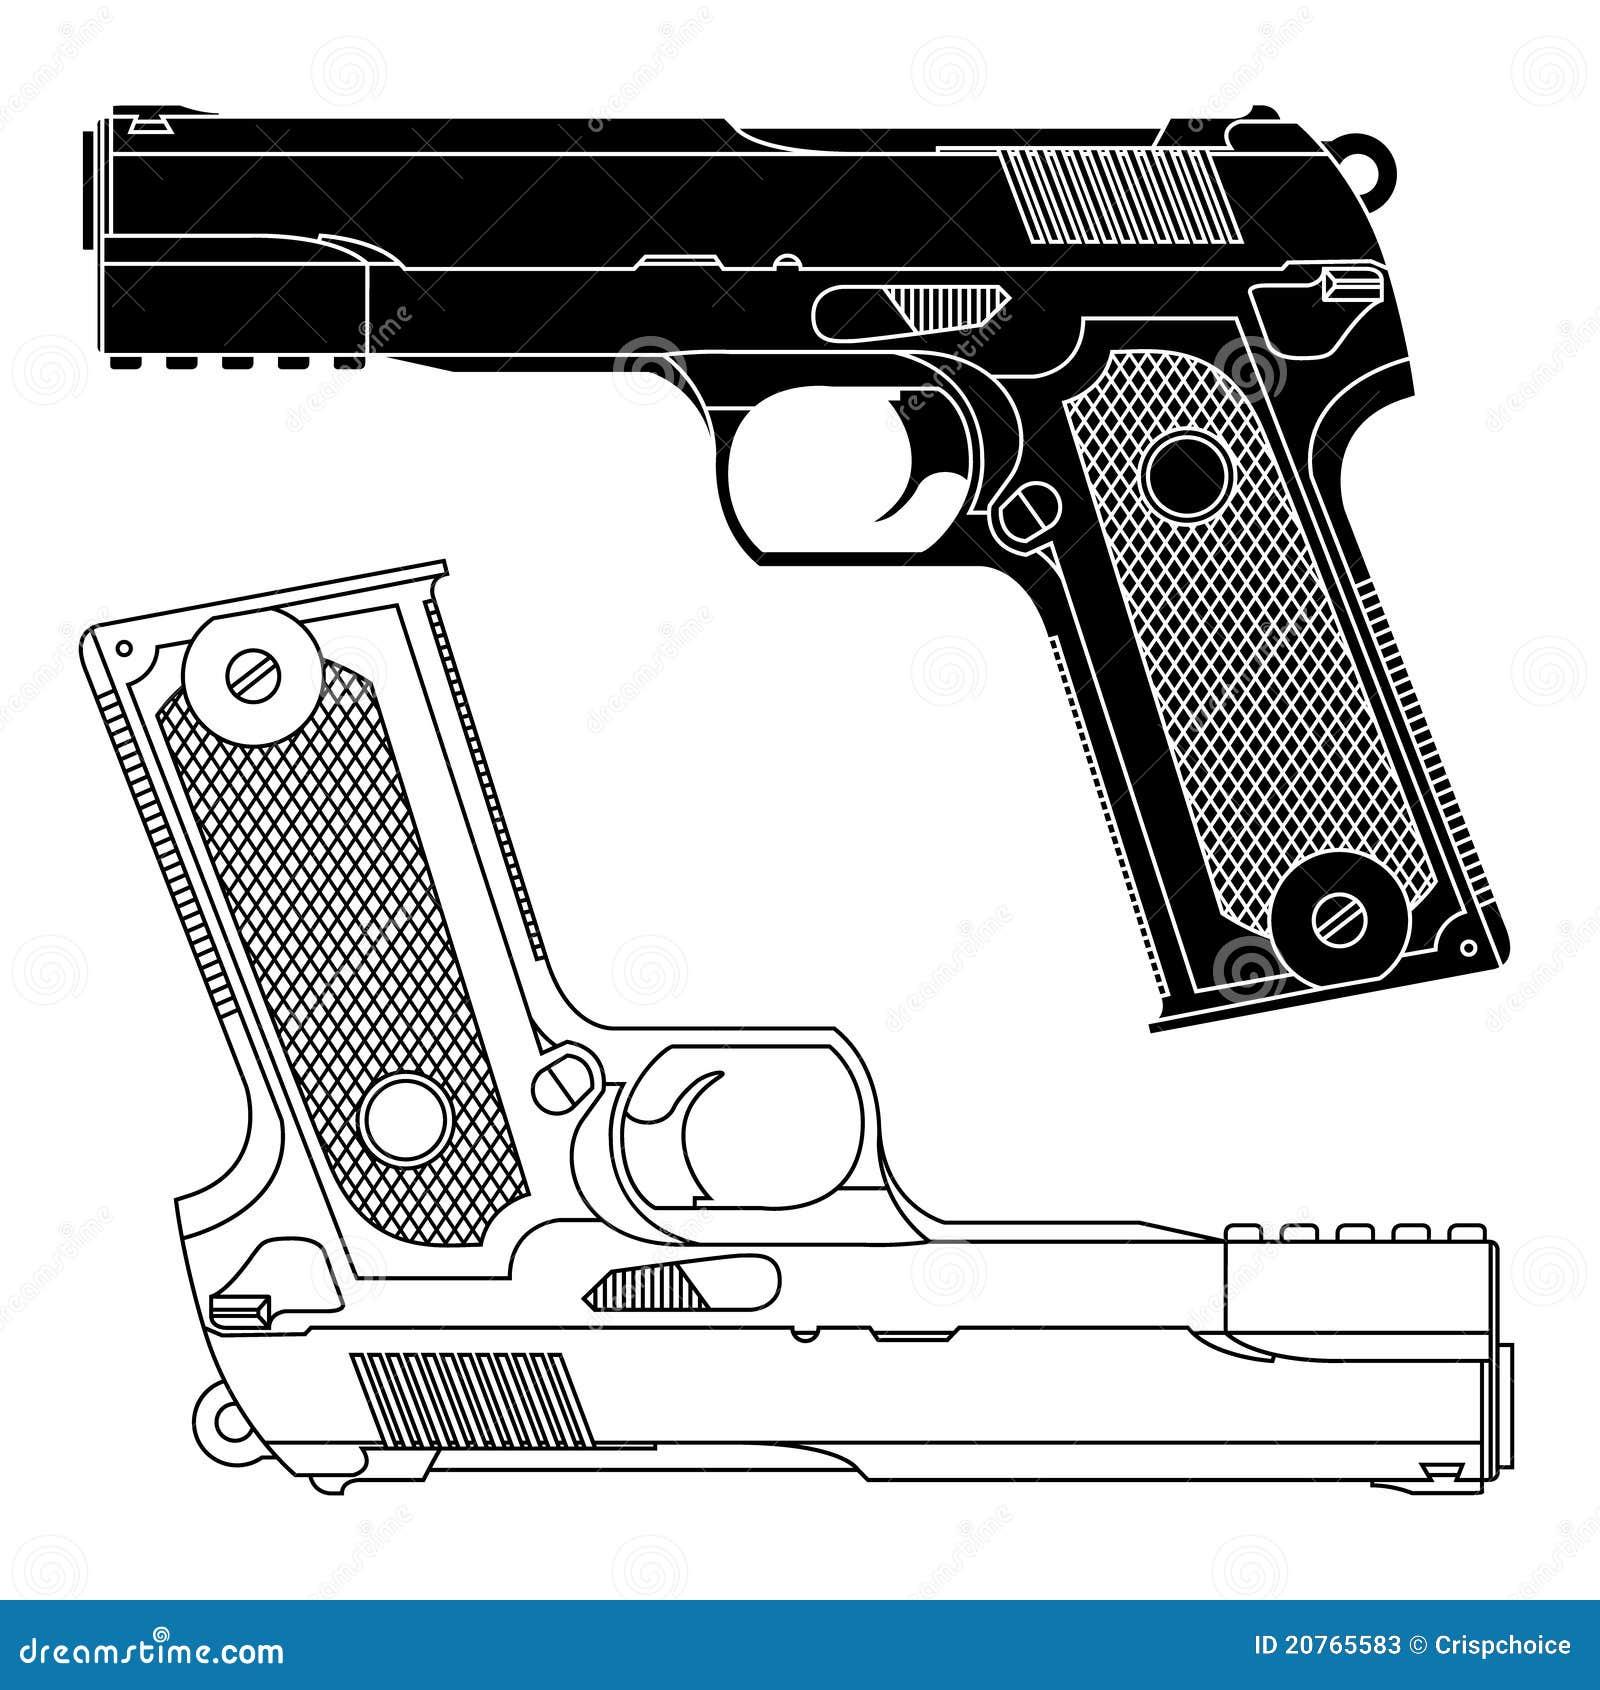 A Lapis Desenho Tecnico Do Injetor Da Pistola De 9mm Ilustracao Do